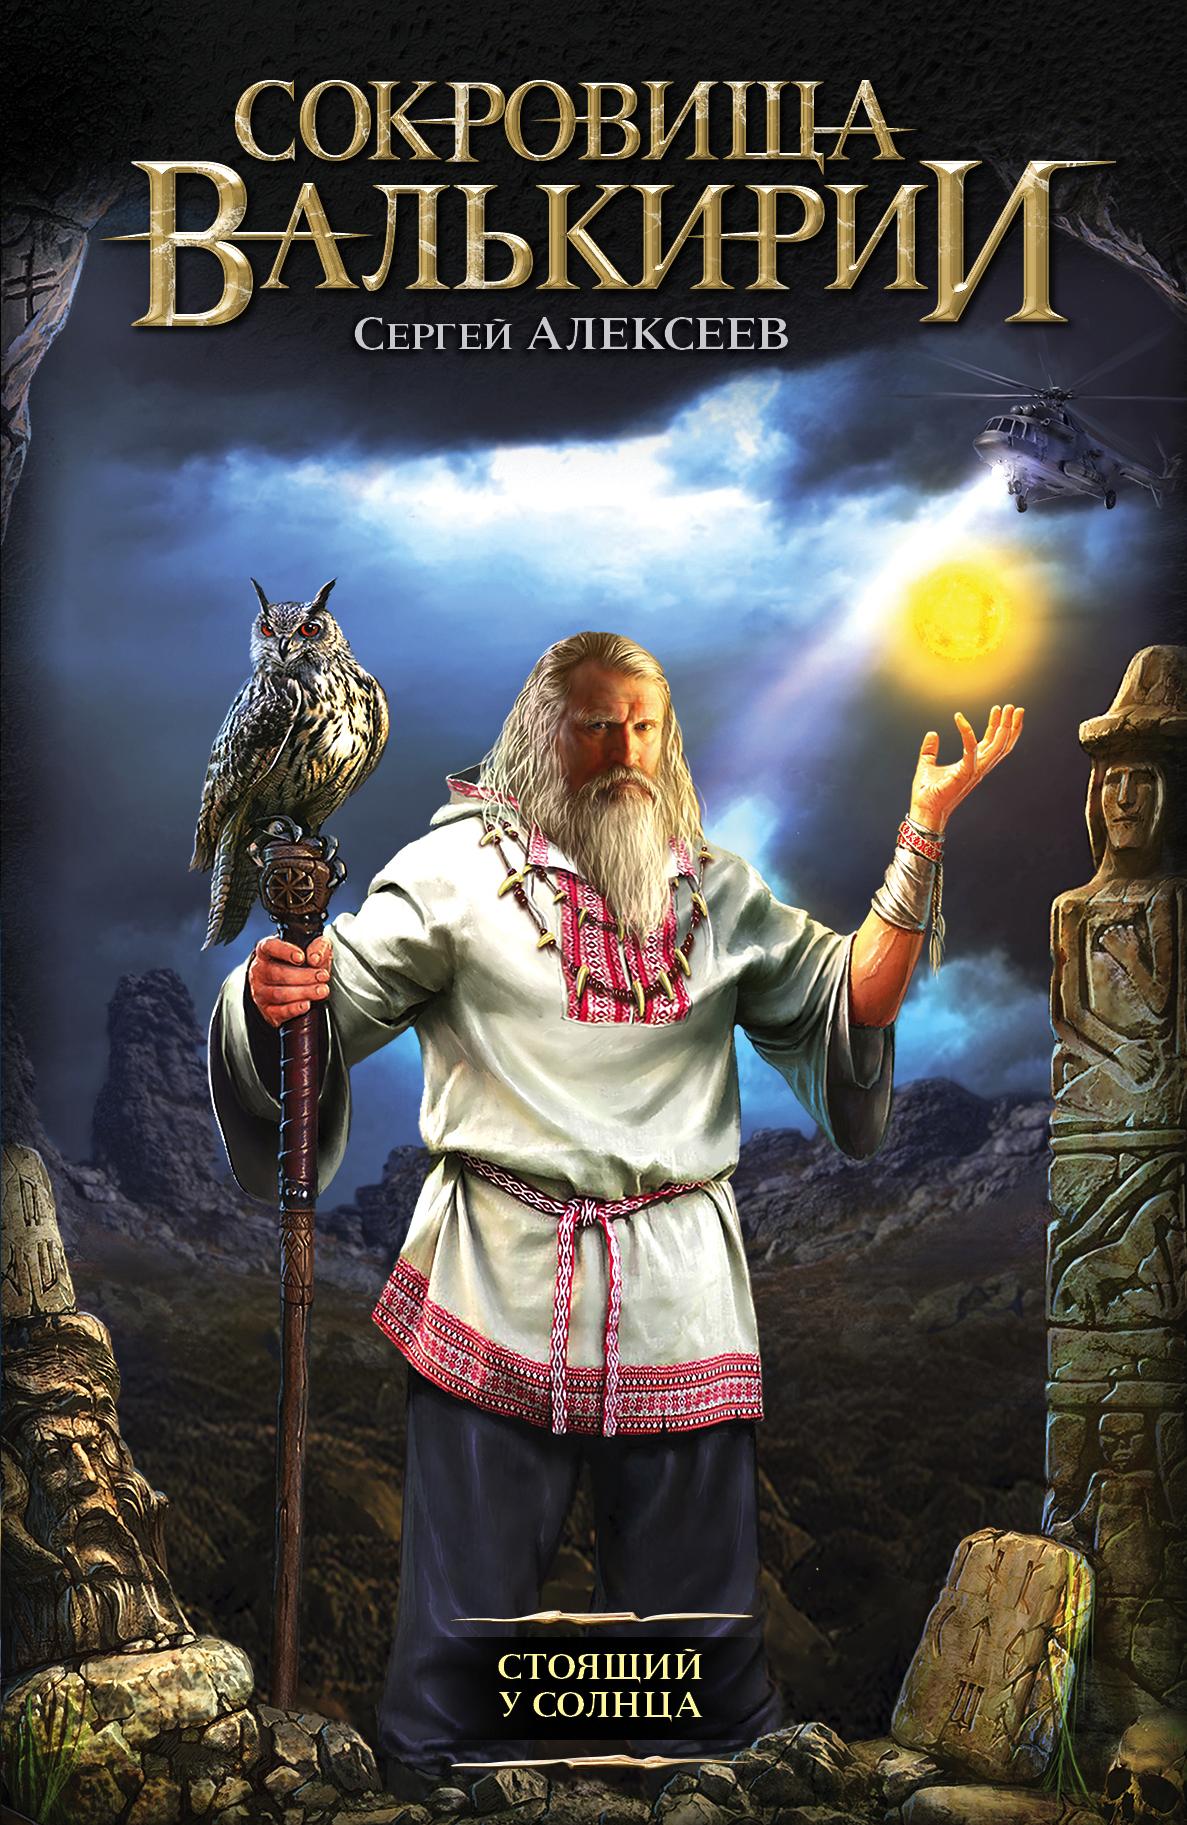 Алексеев сокровища валькирии5 читать